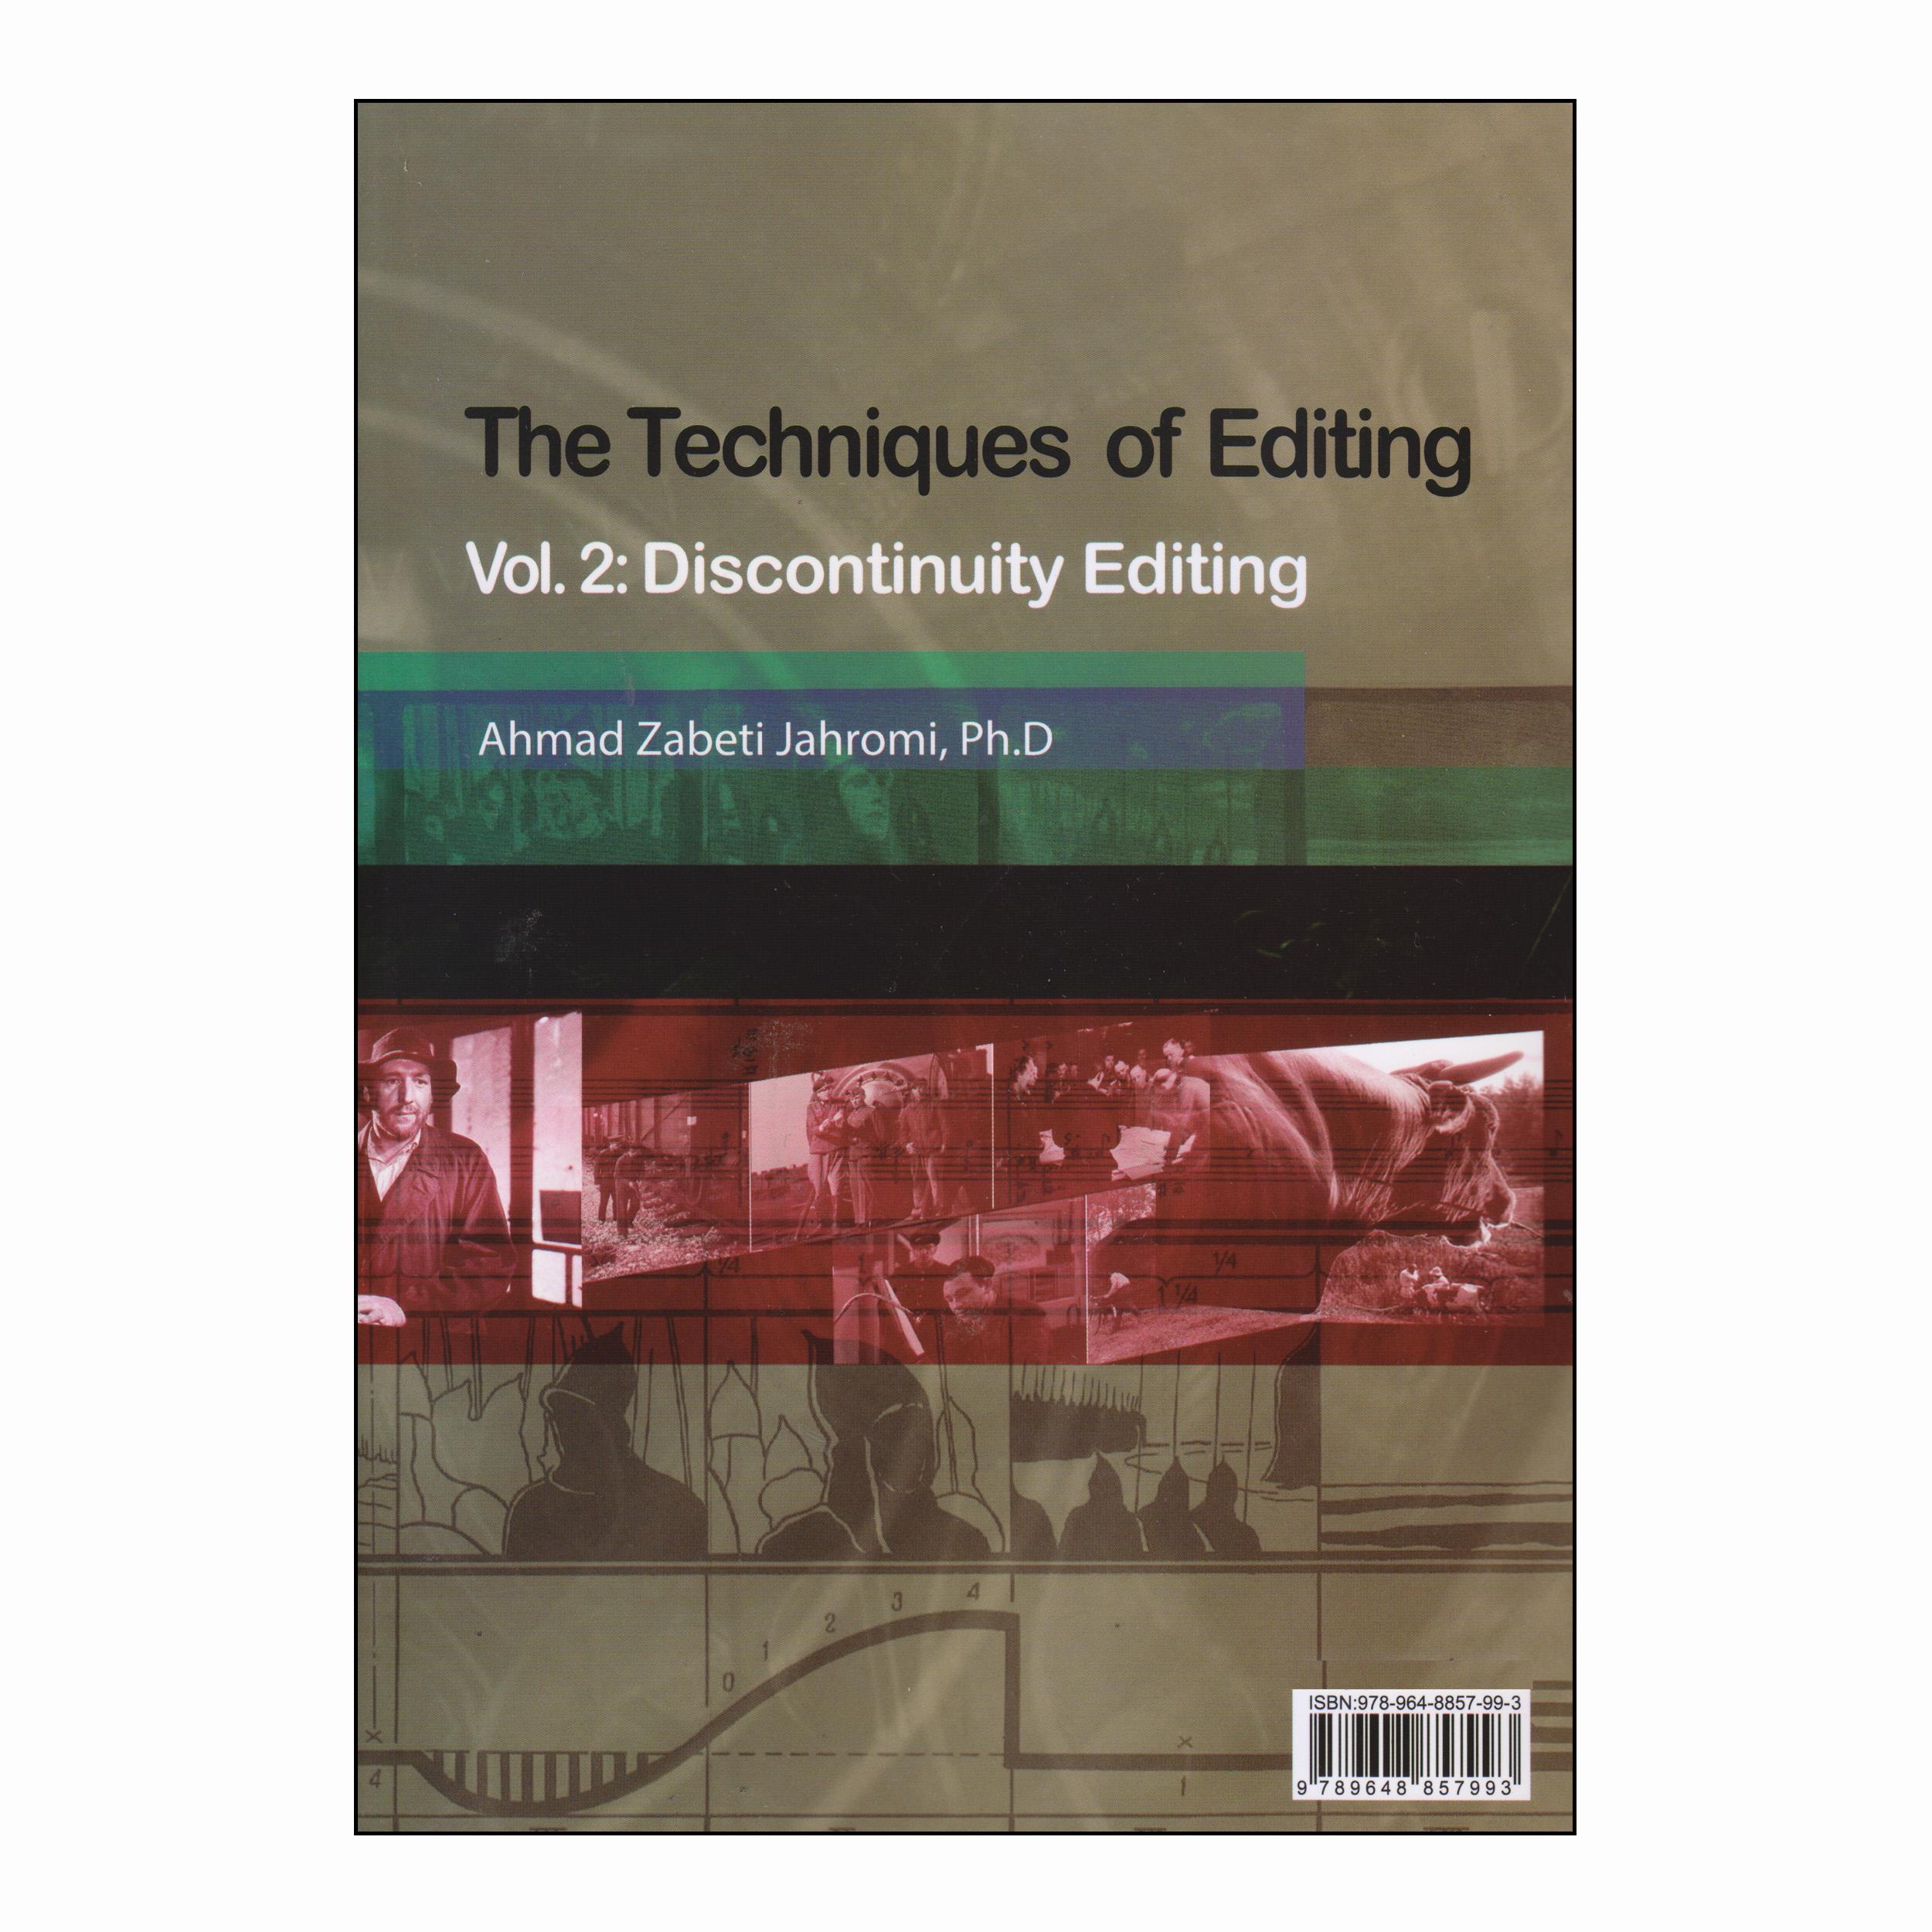 خرید                      کتاب تکنیک های تدوین اثر دکتر احمد ضابطی جهرمی انتشارات دانشگاه صدا و سیما